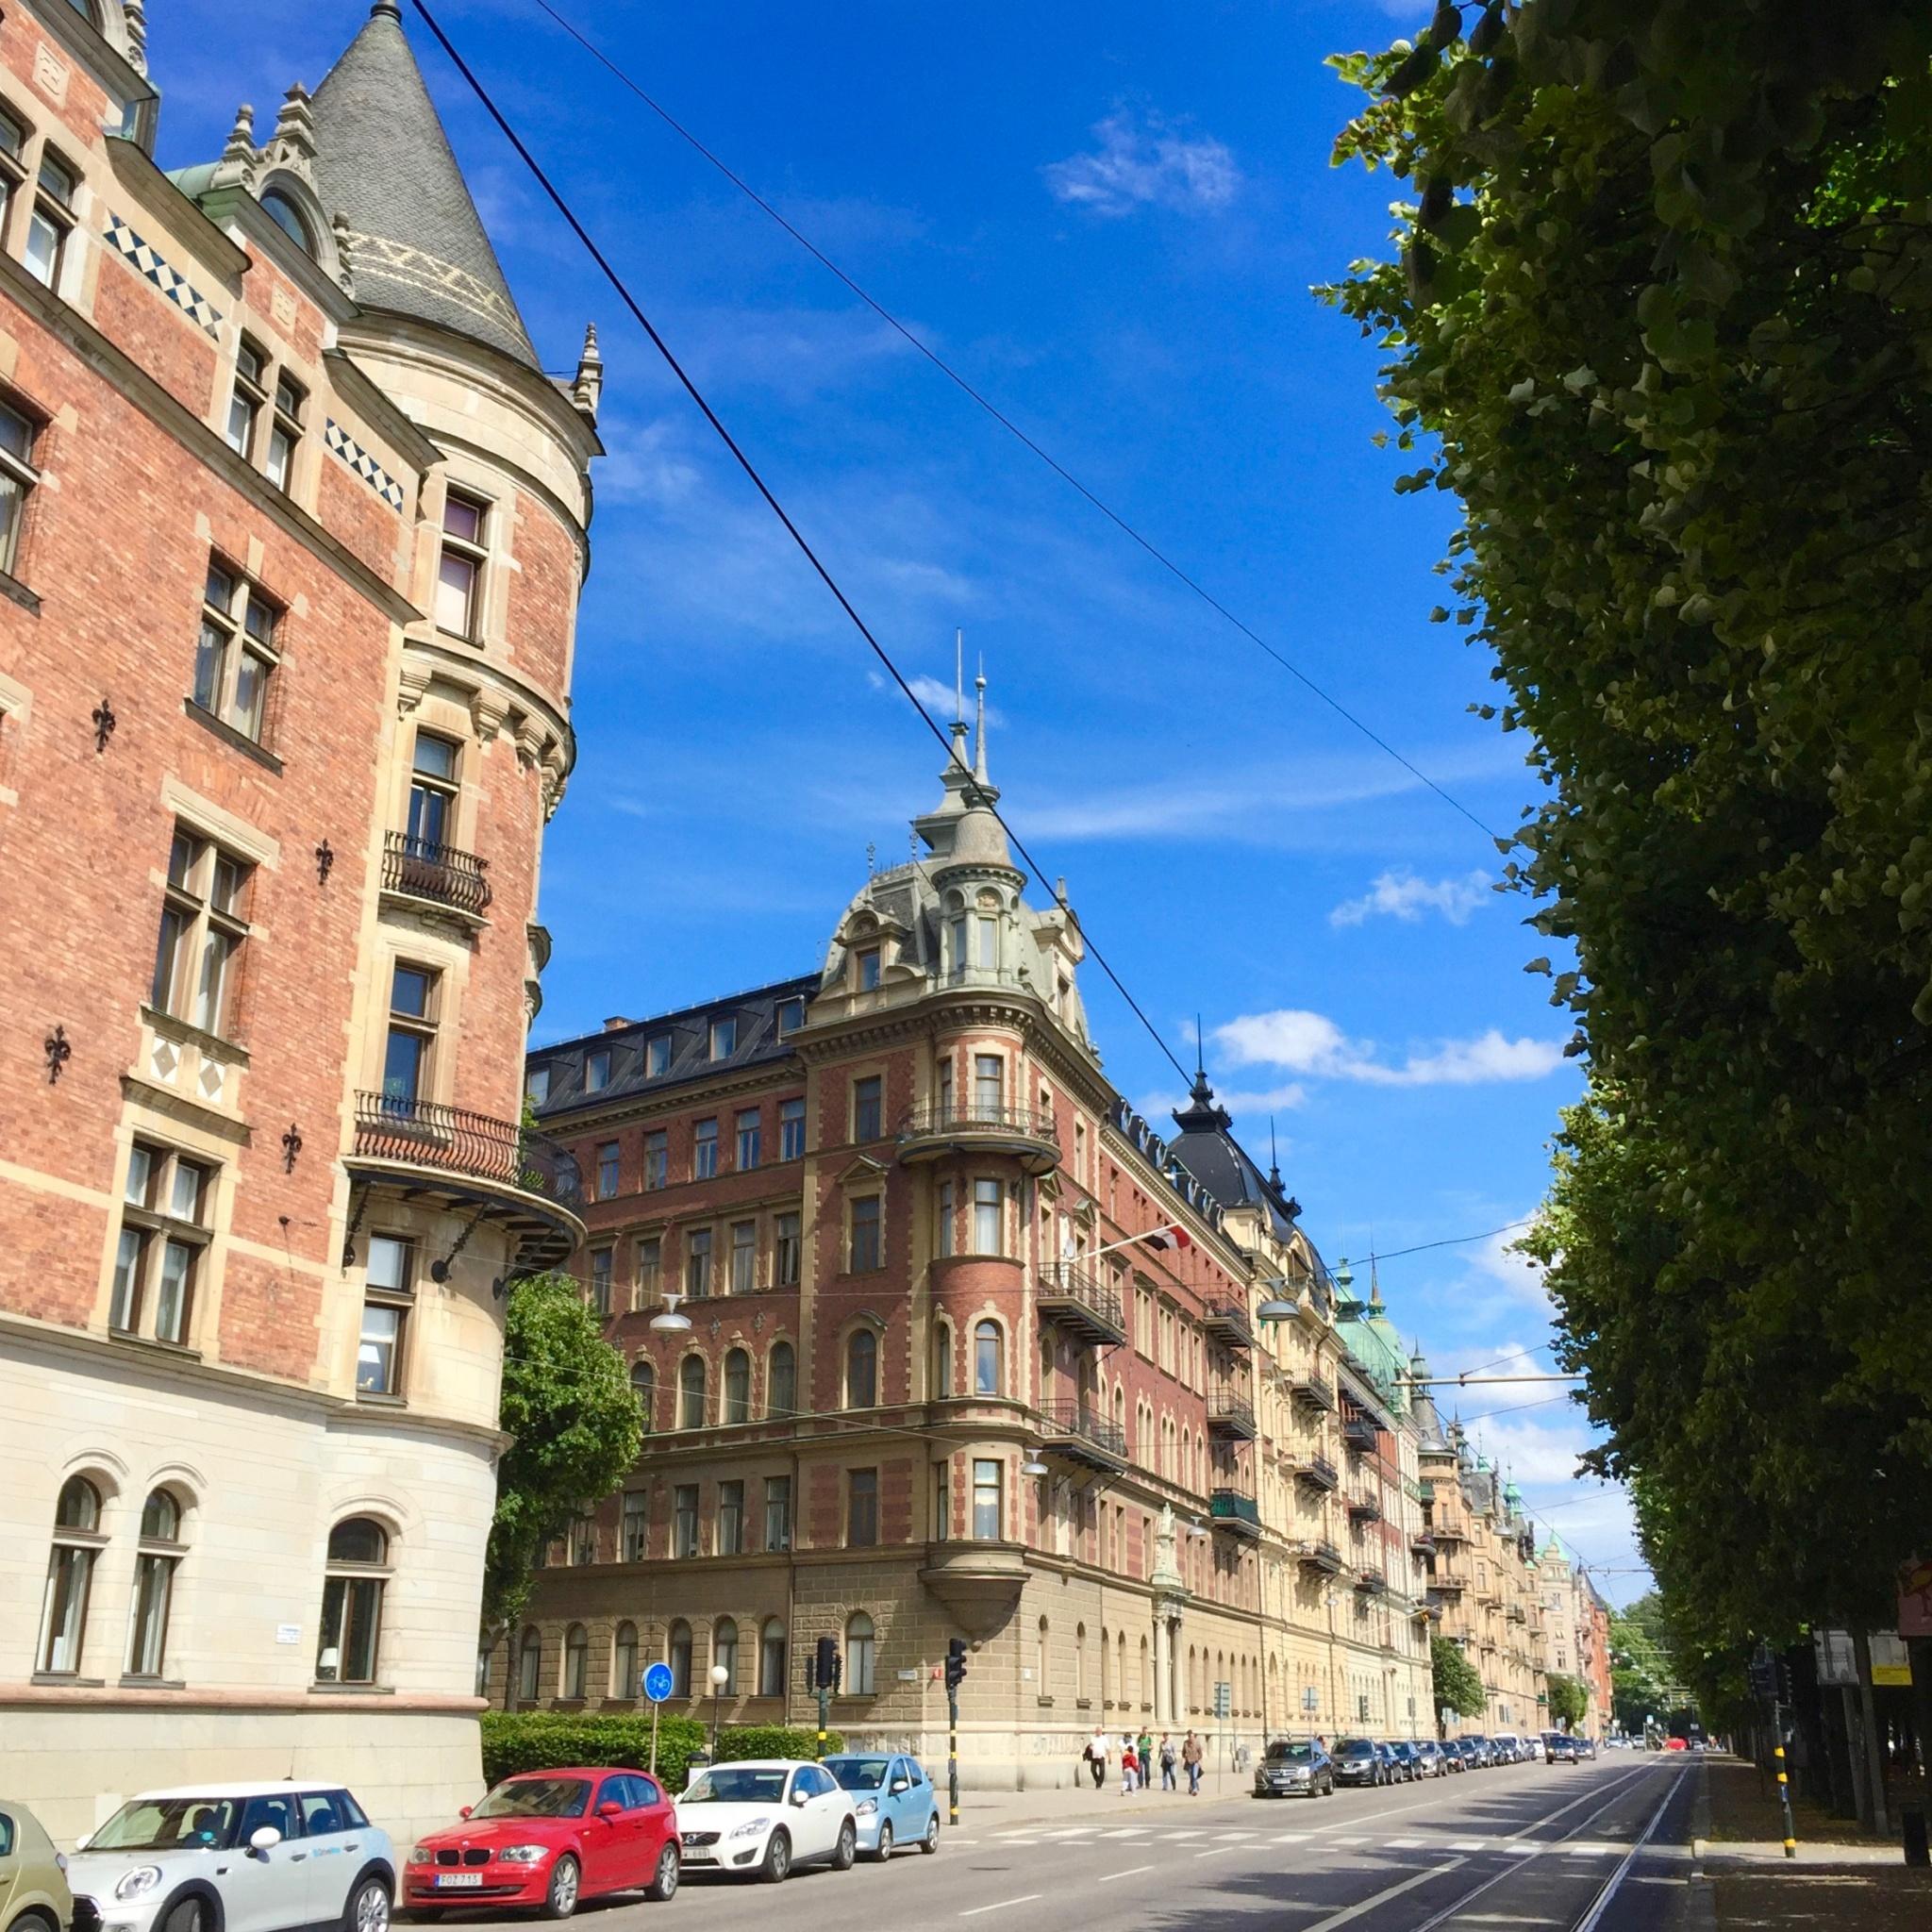 Ostermalma, Strandvägen street in Stockholm